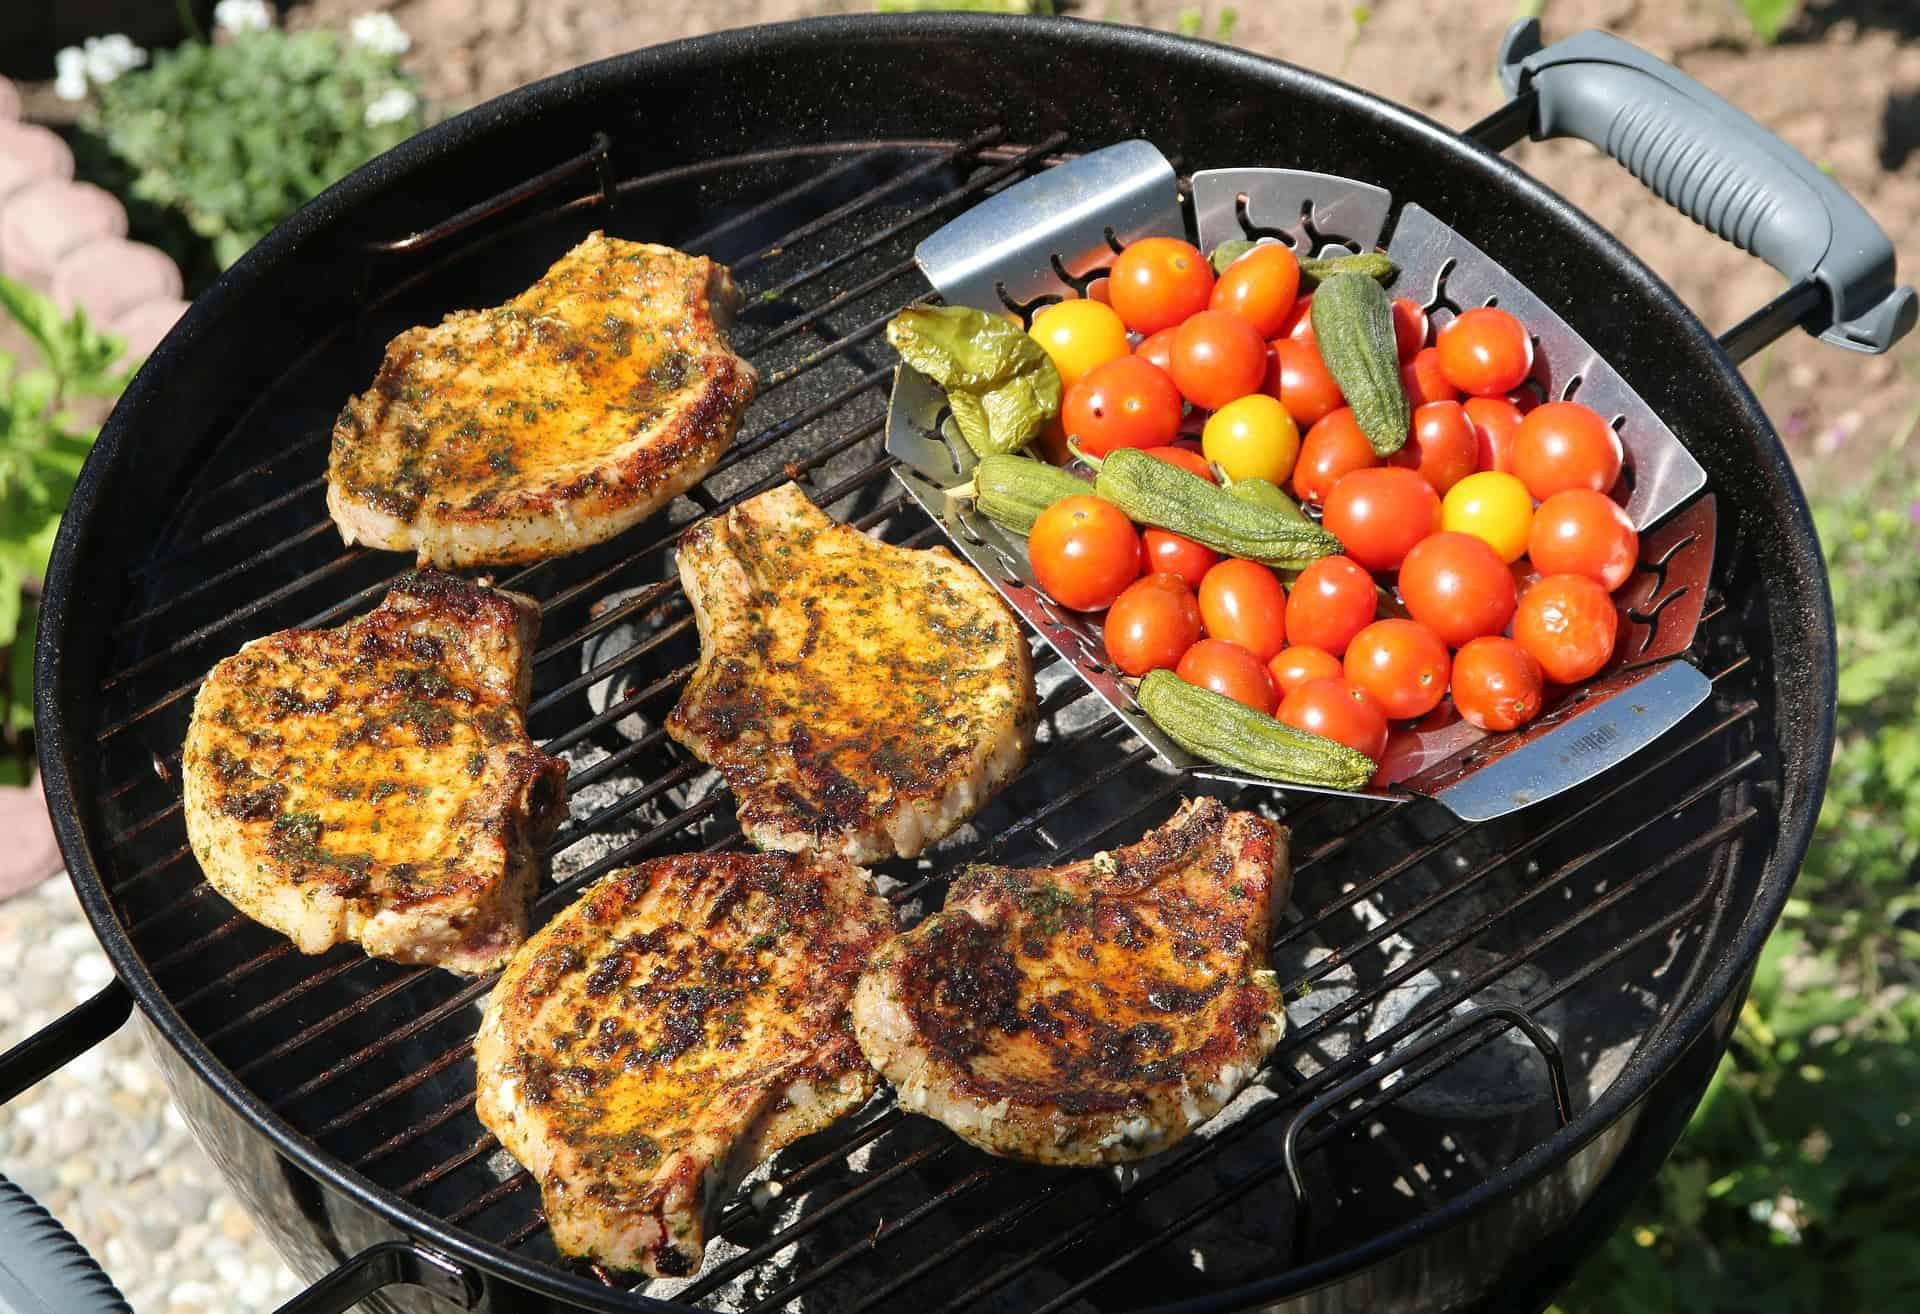 Uma churrasqueira sem fumaça grelhando pedaços de peito de frango e alguns legumes.